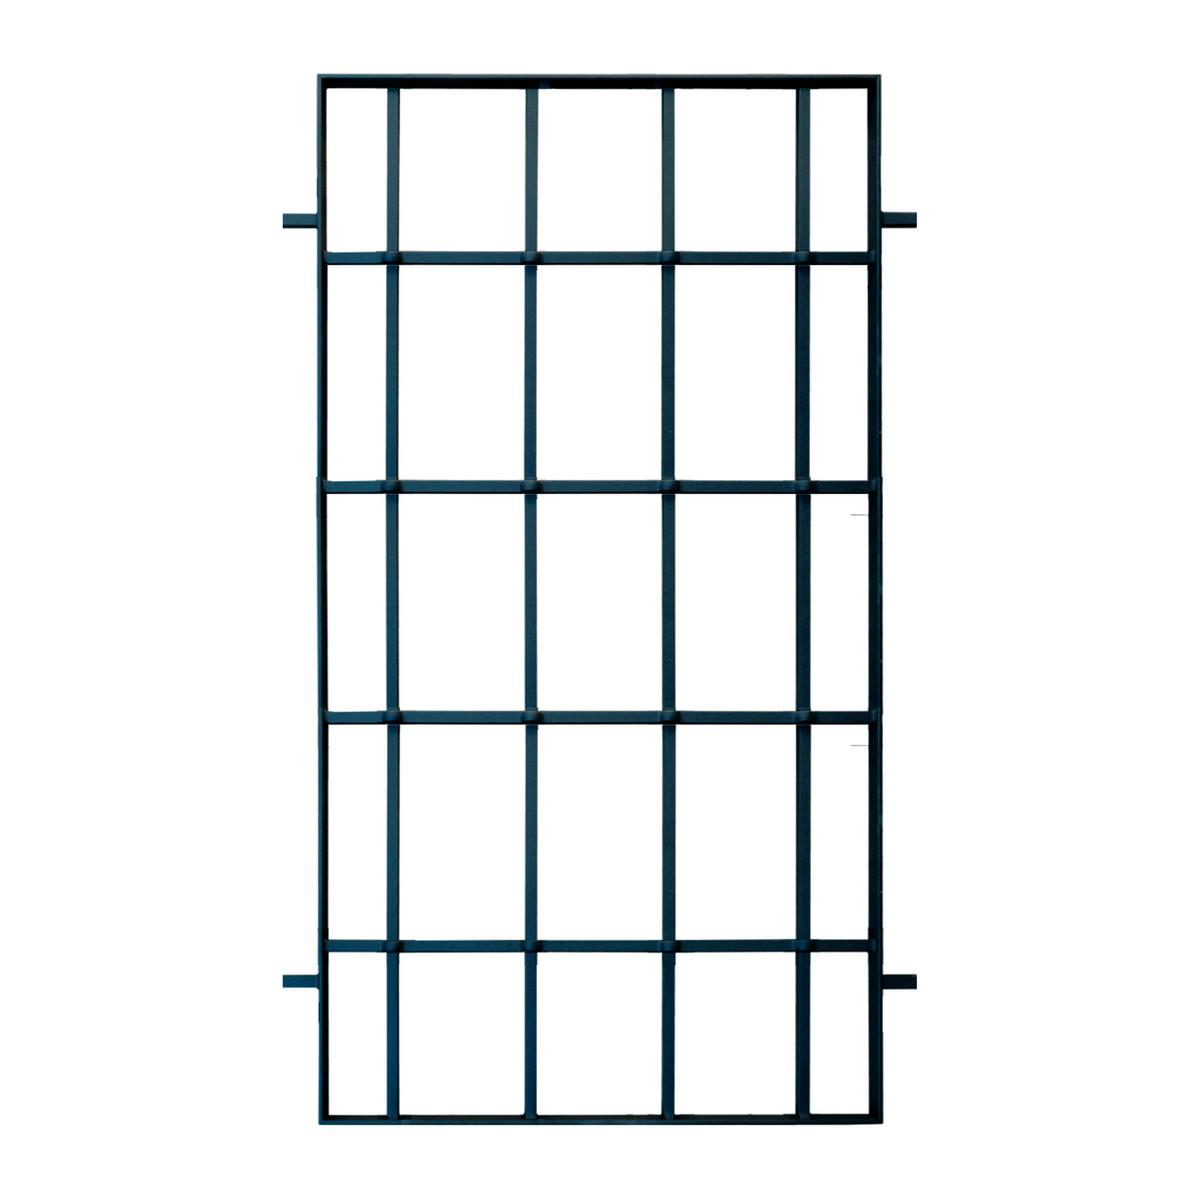 Grata blindata Modello 1 nero L 60 x H 100 cm